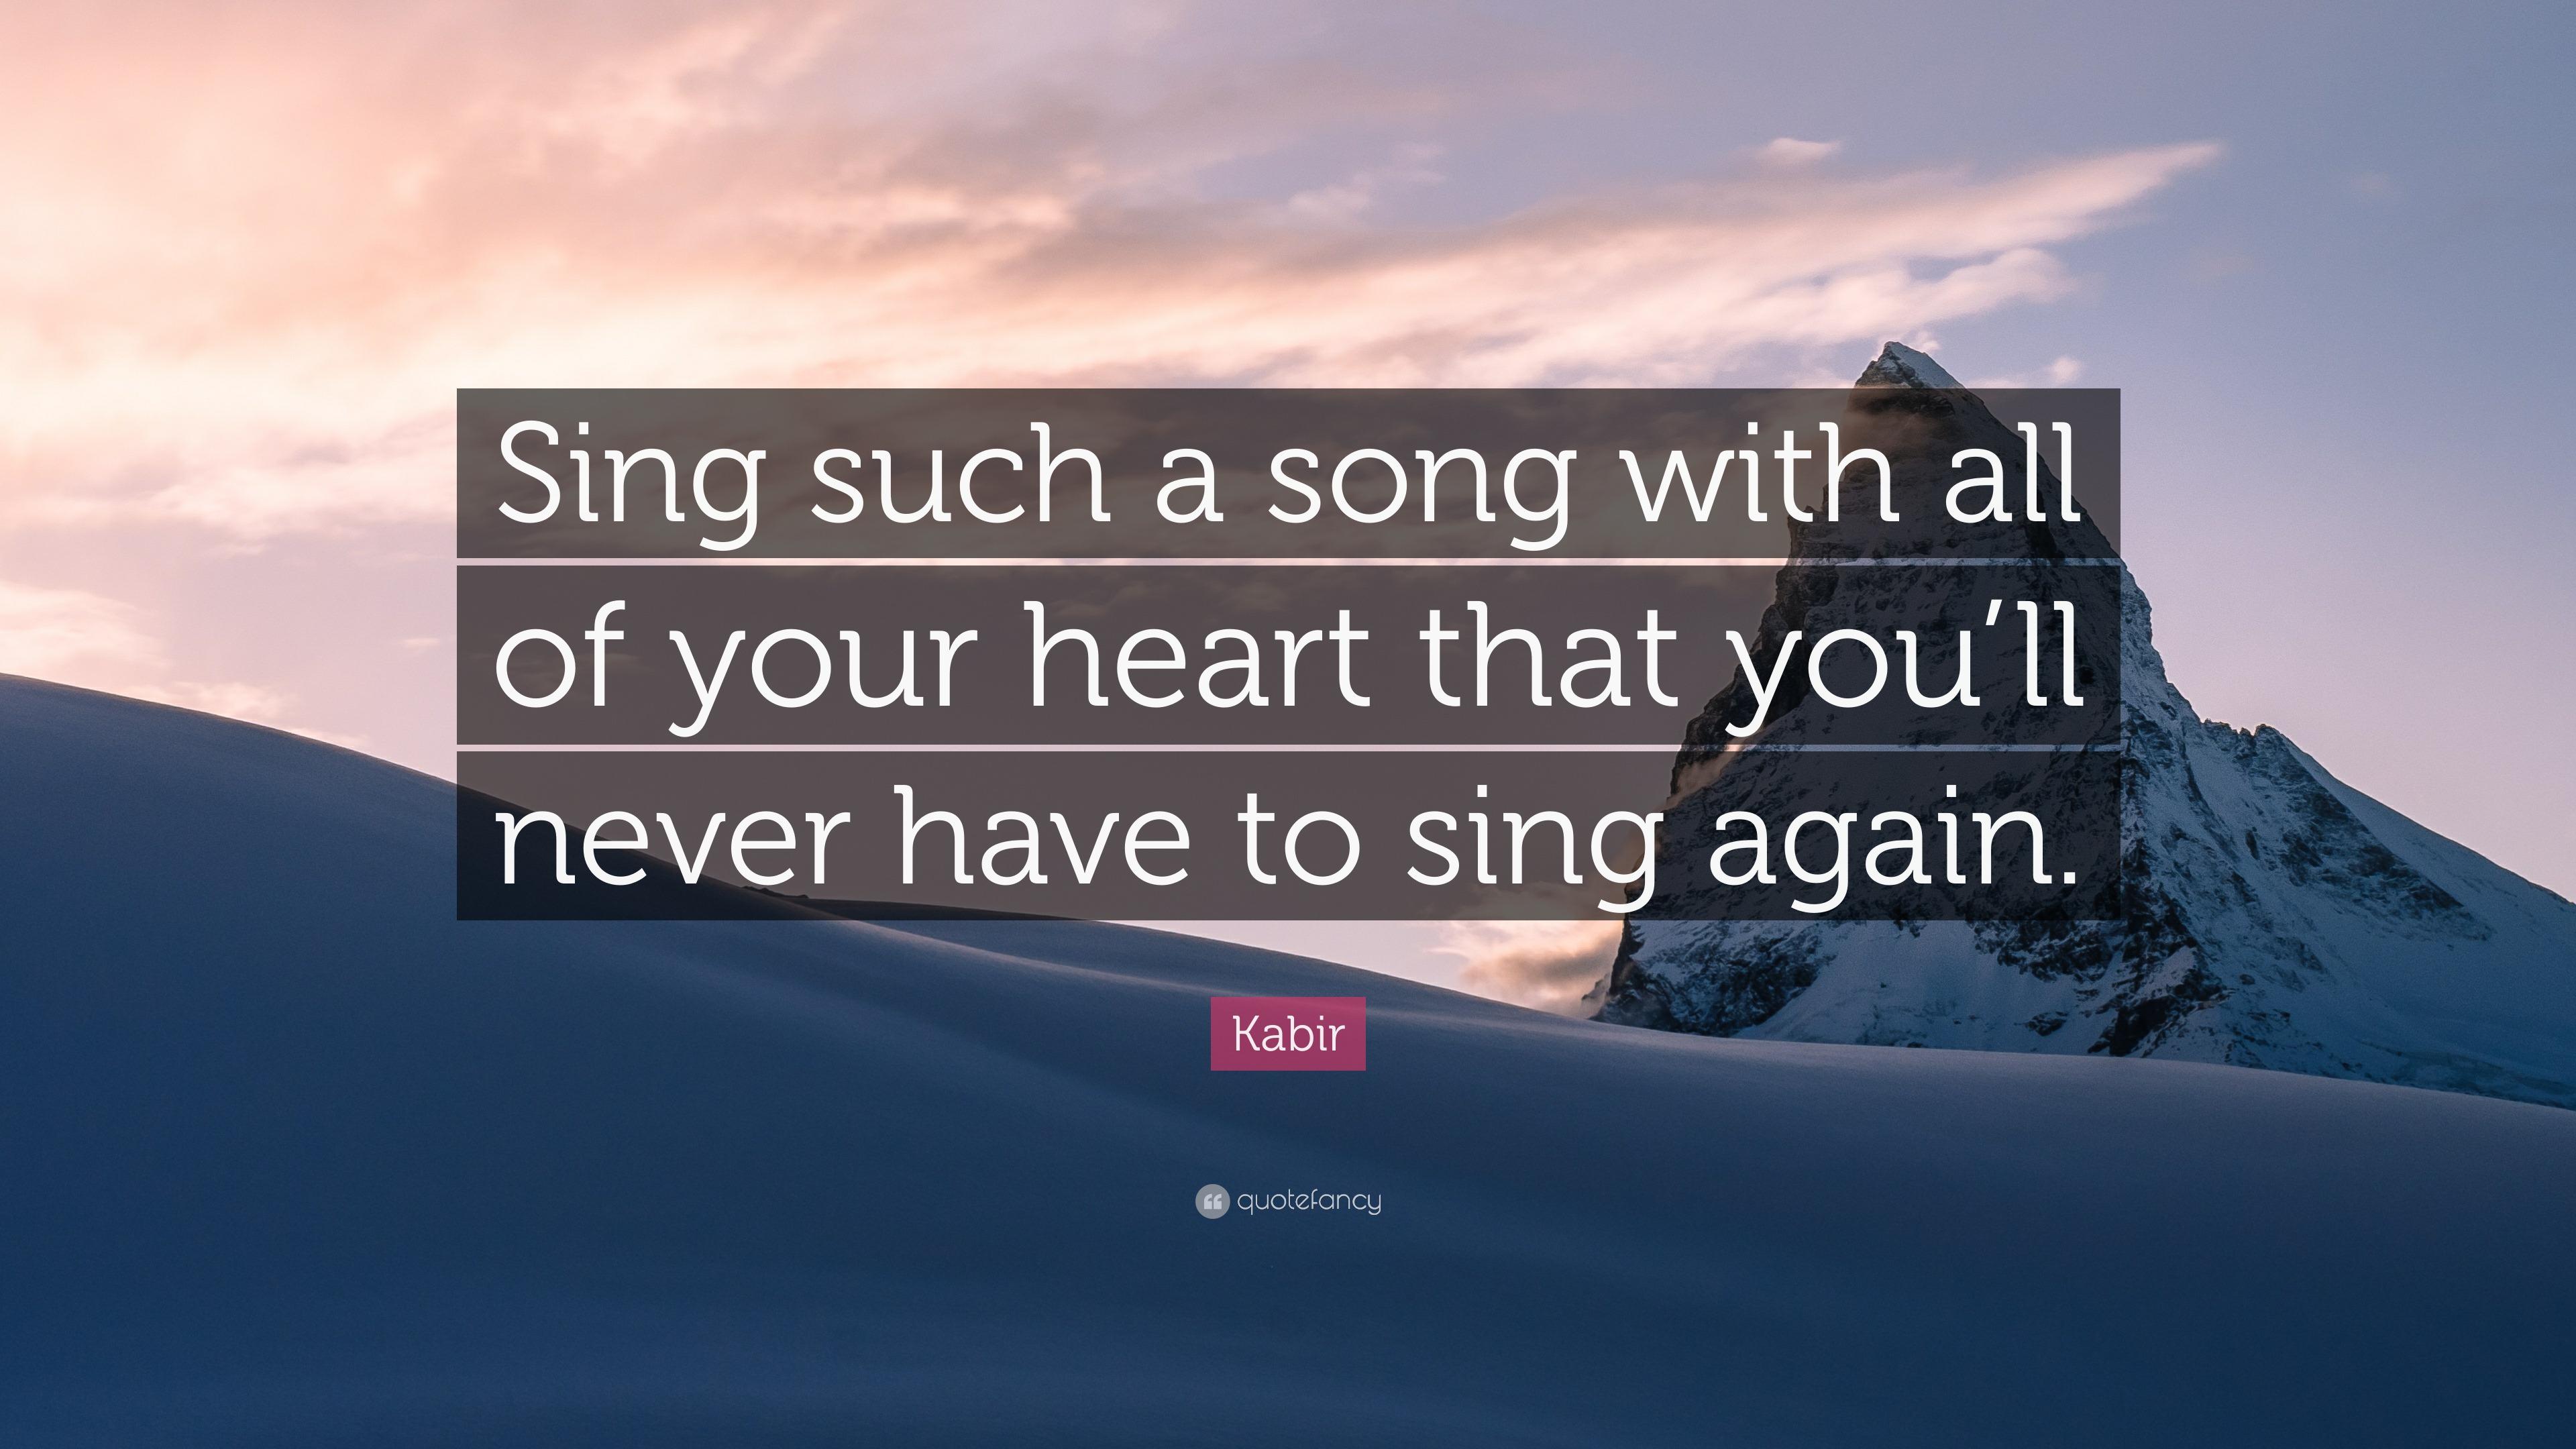 a song of kabir